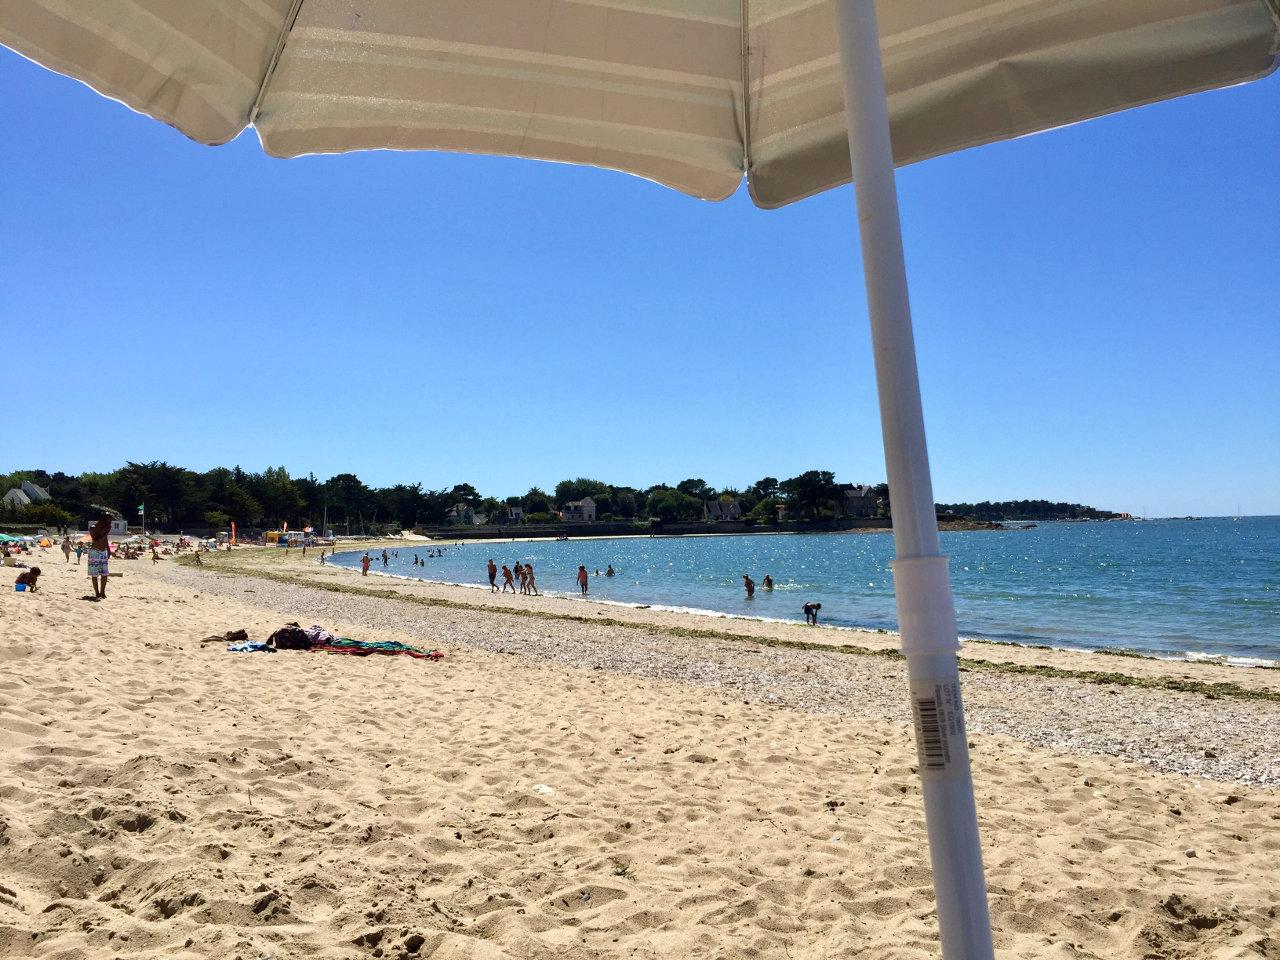 Sommer in der Bretagne. Heisser Sand und Erinnerungen an die Arcades vergangener Tage. (Bild: André Eymann)